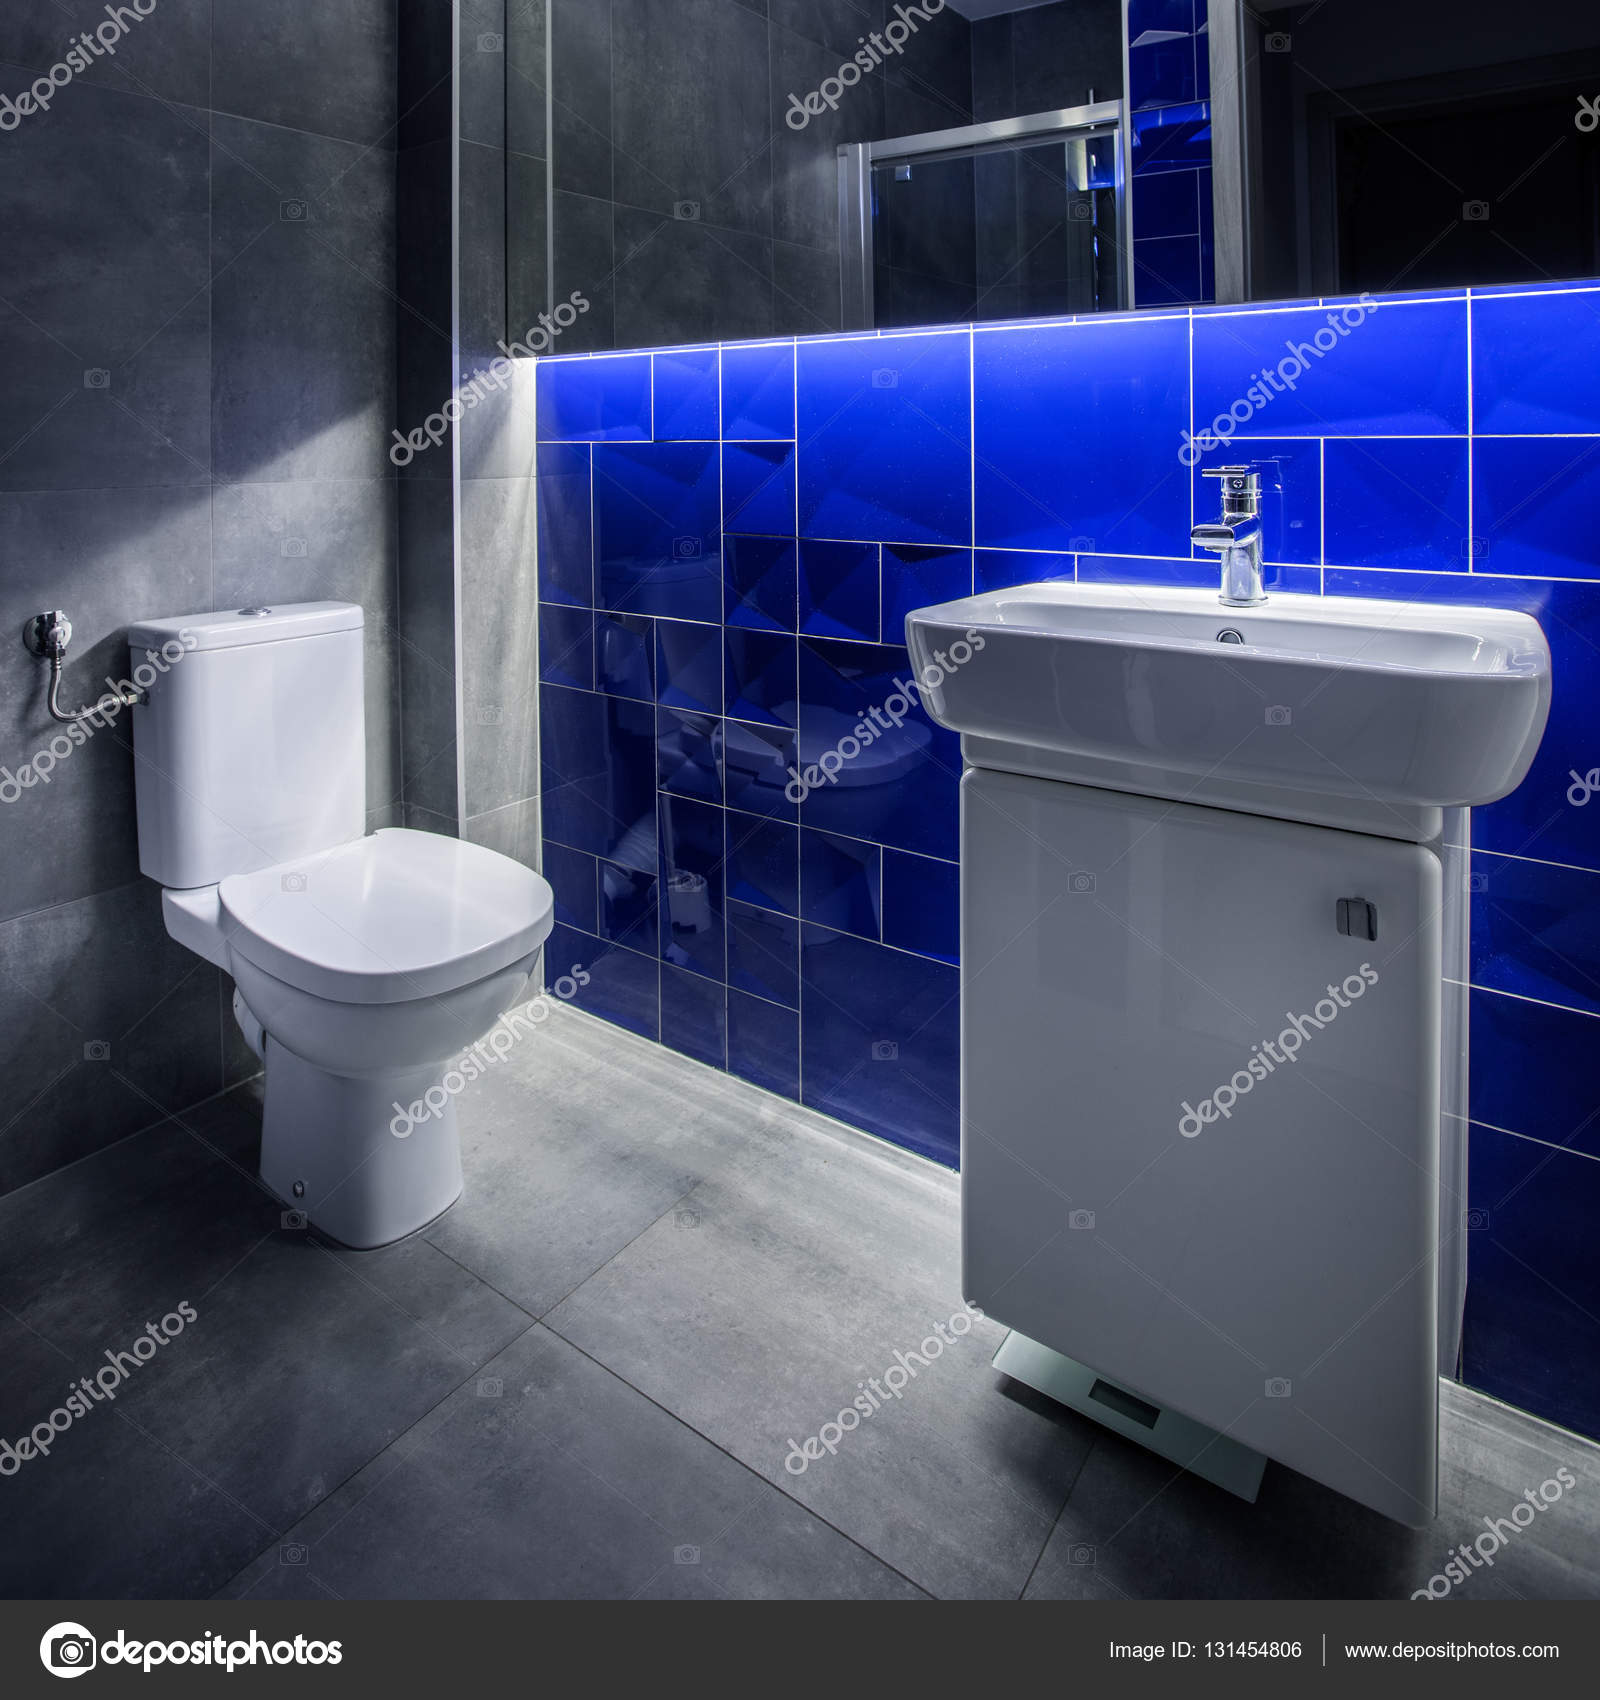 Grijze en blauwe badkamer idee — Stockfoto © in4mal #131454806